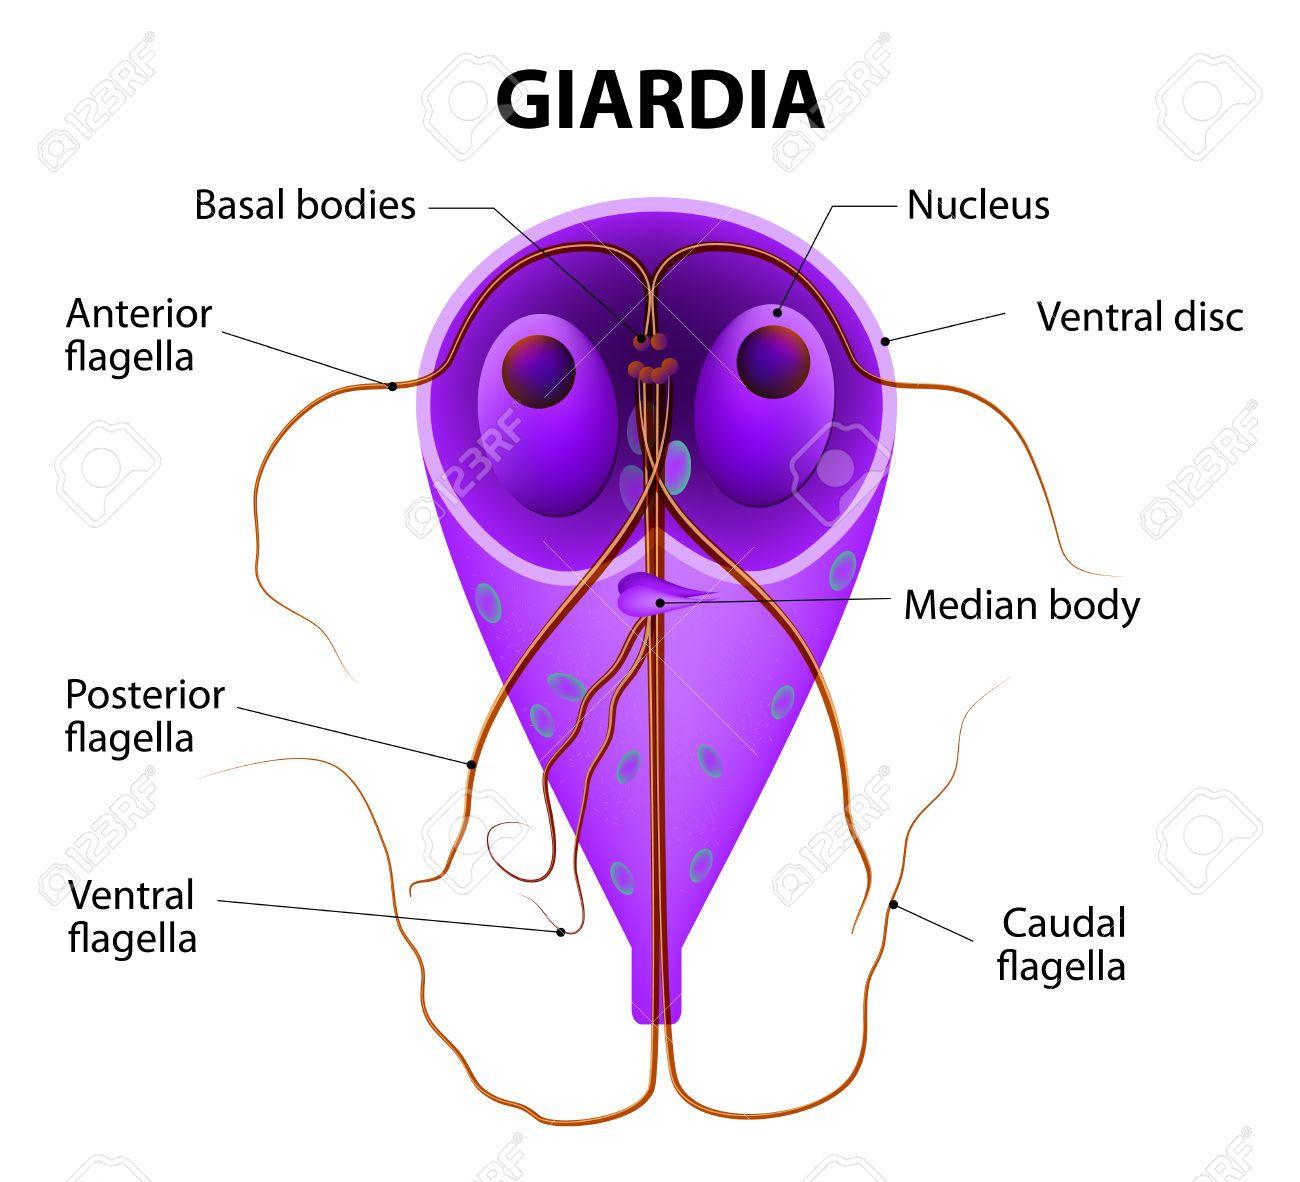 chiste giardia duodenalis